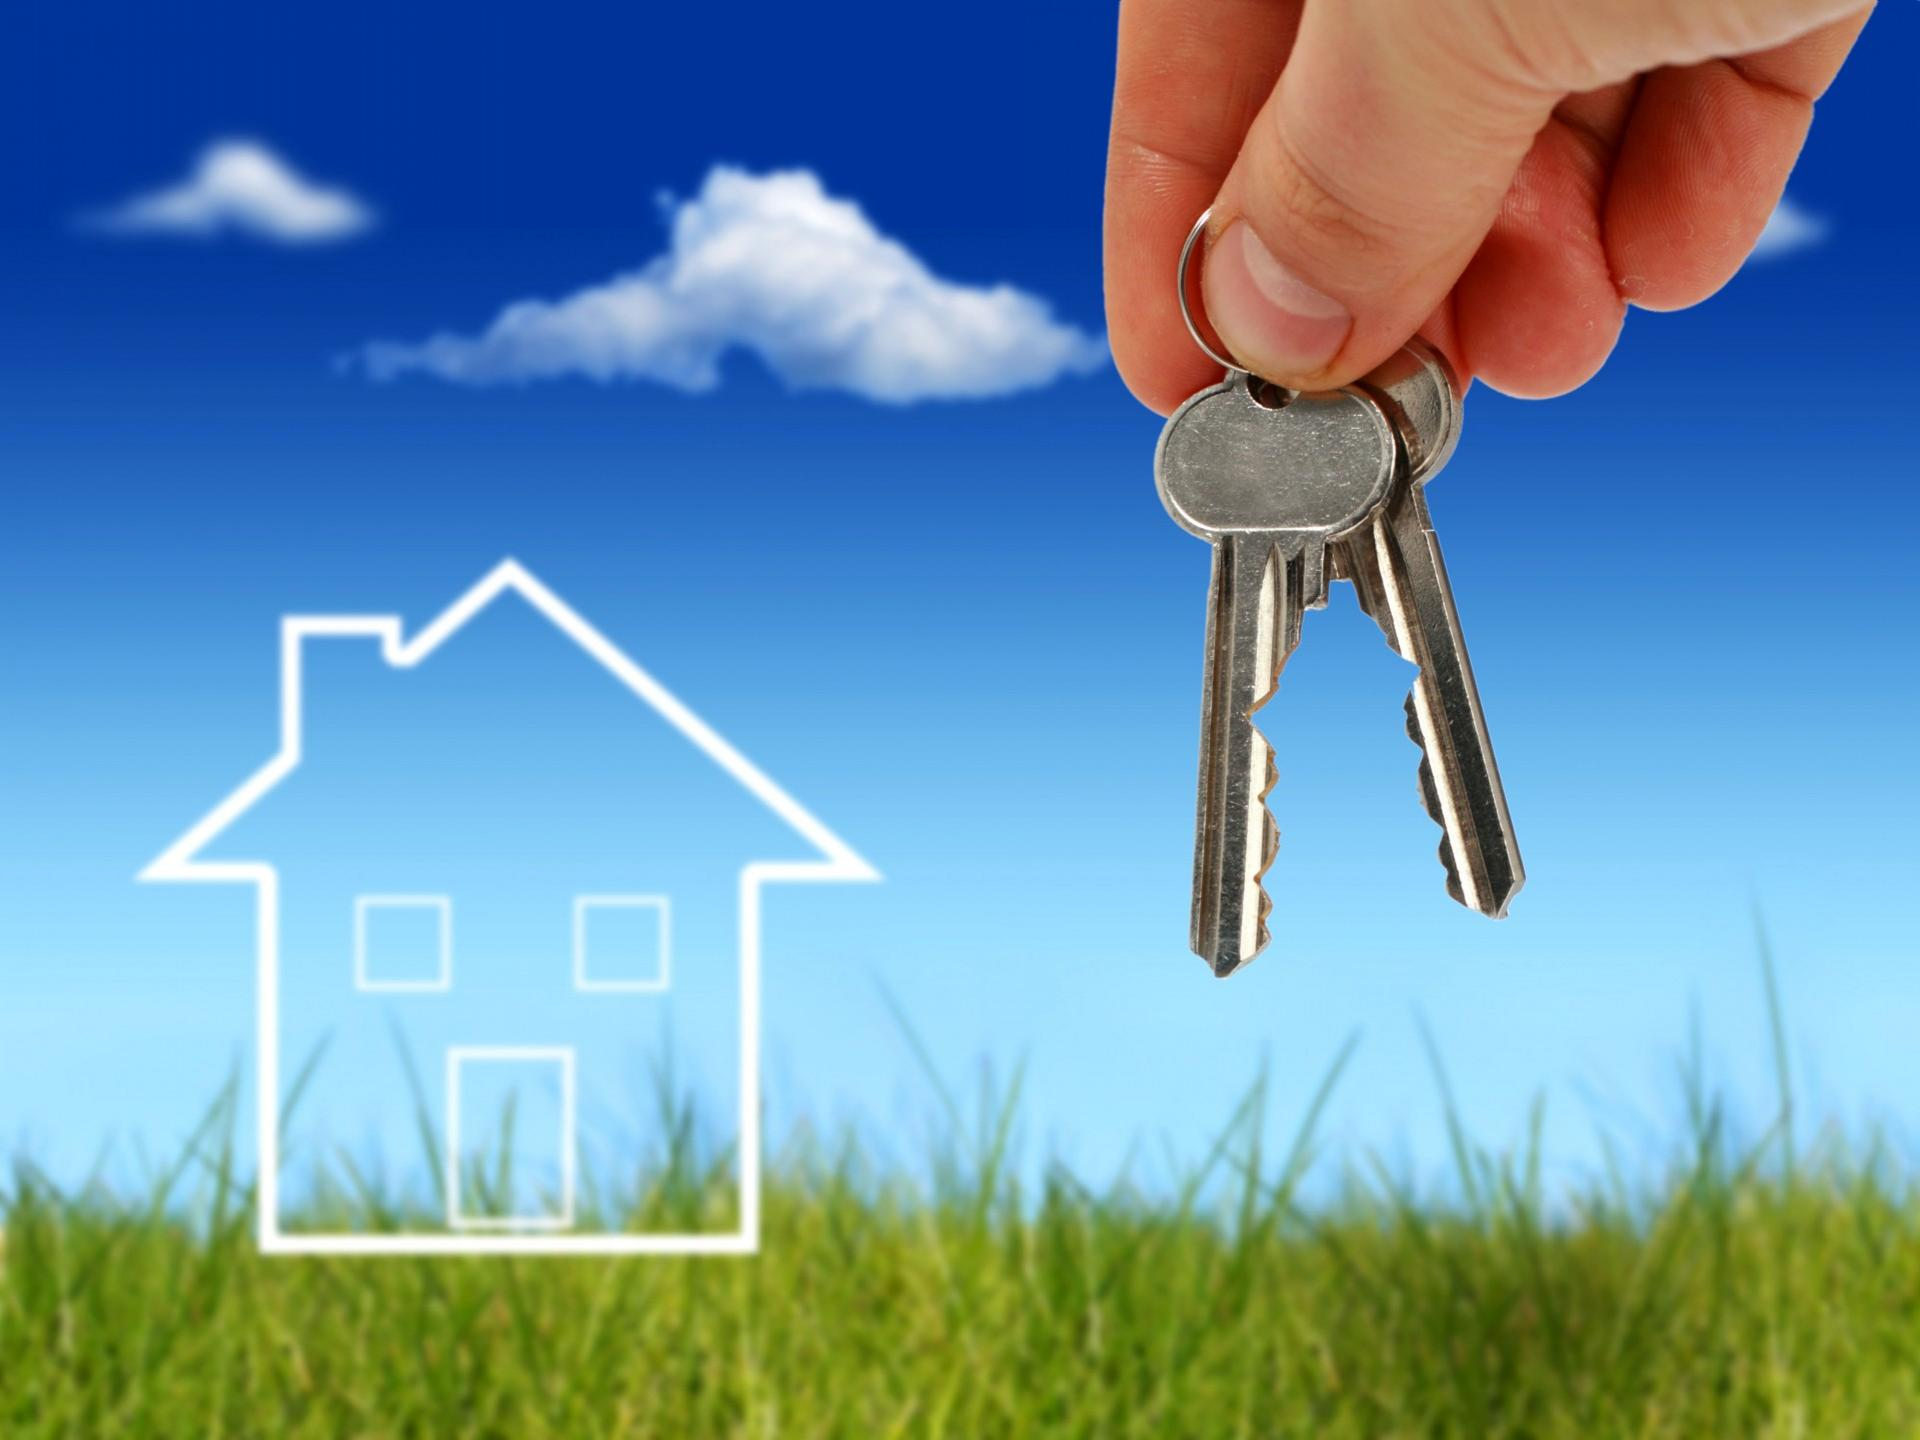 ejendomsvurdering fradrag for forbedringer